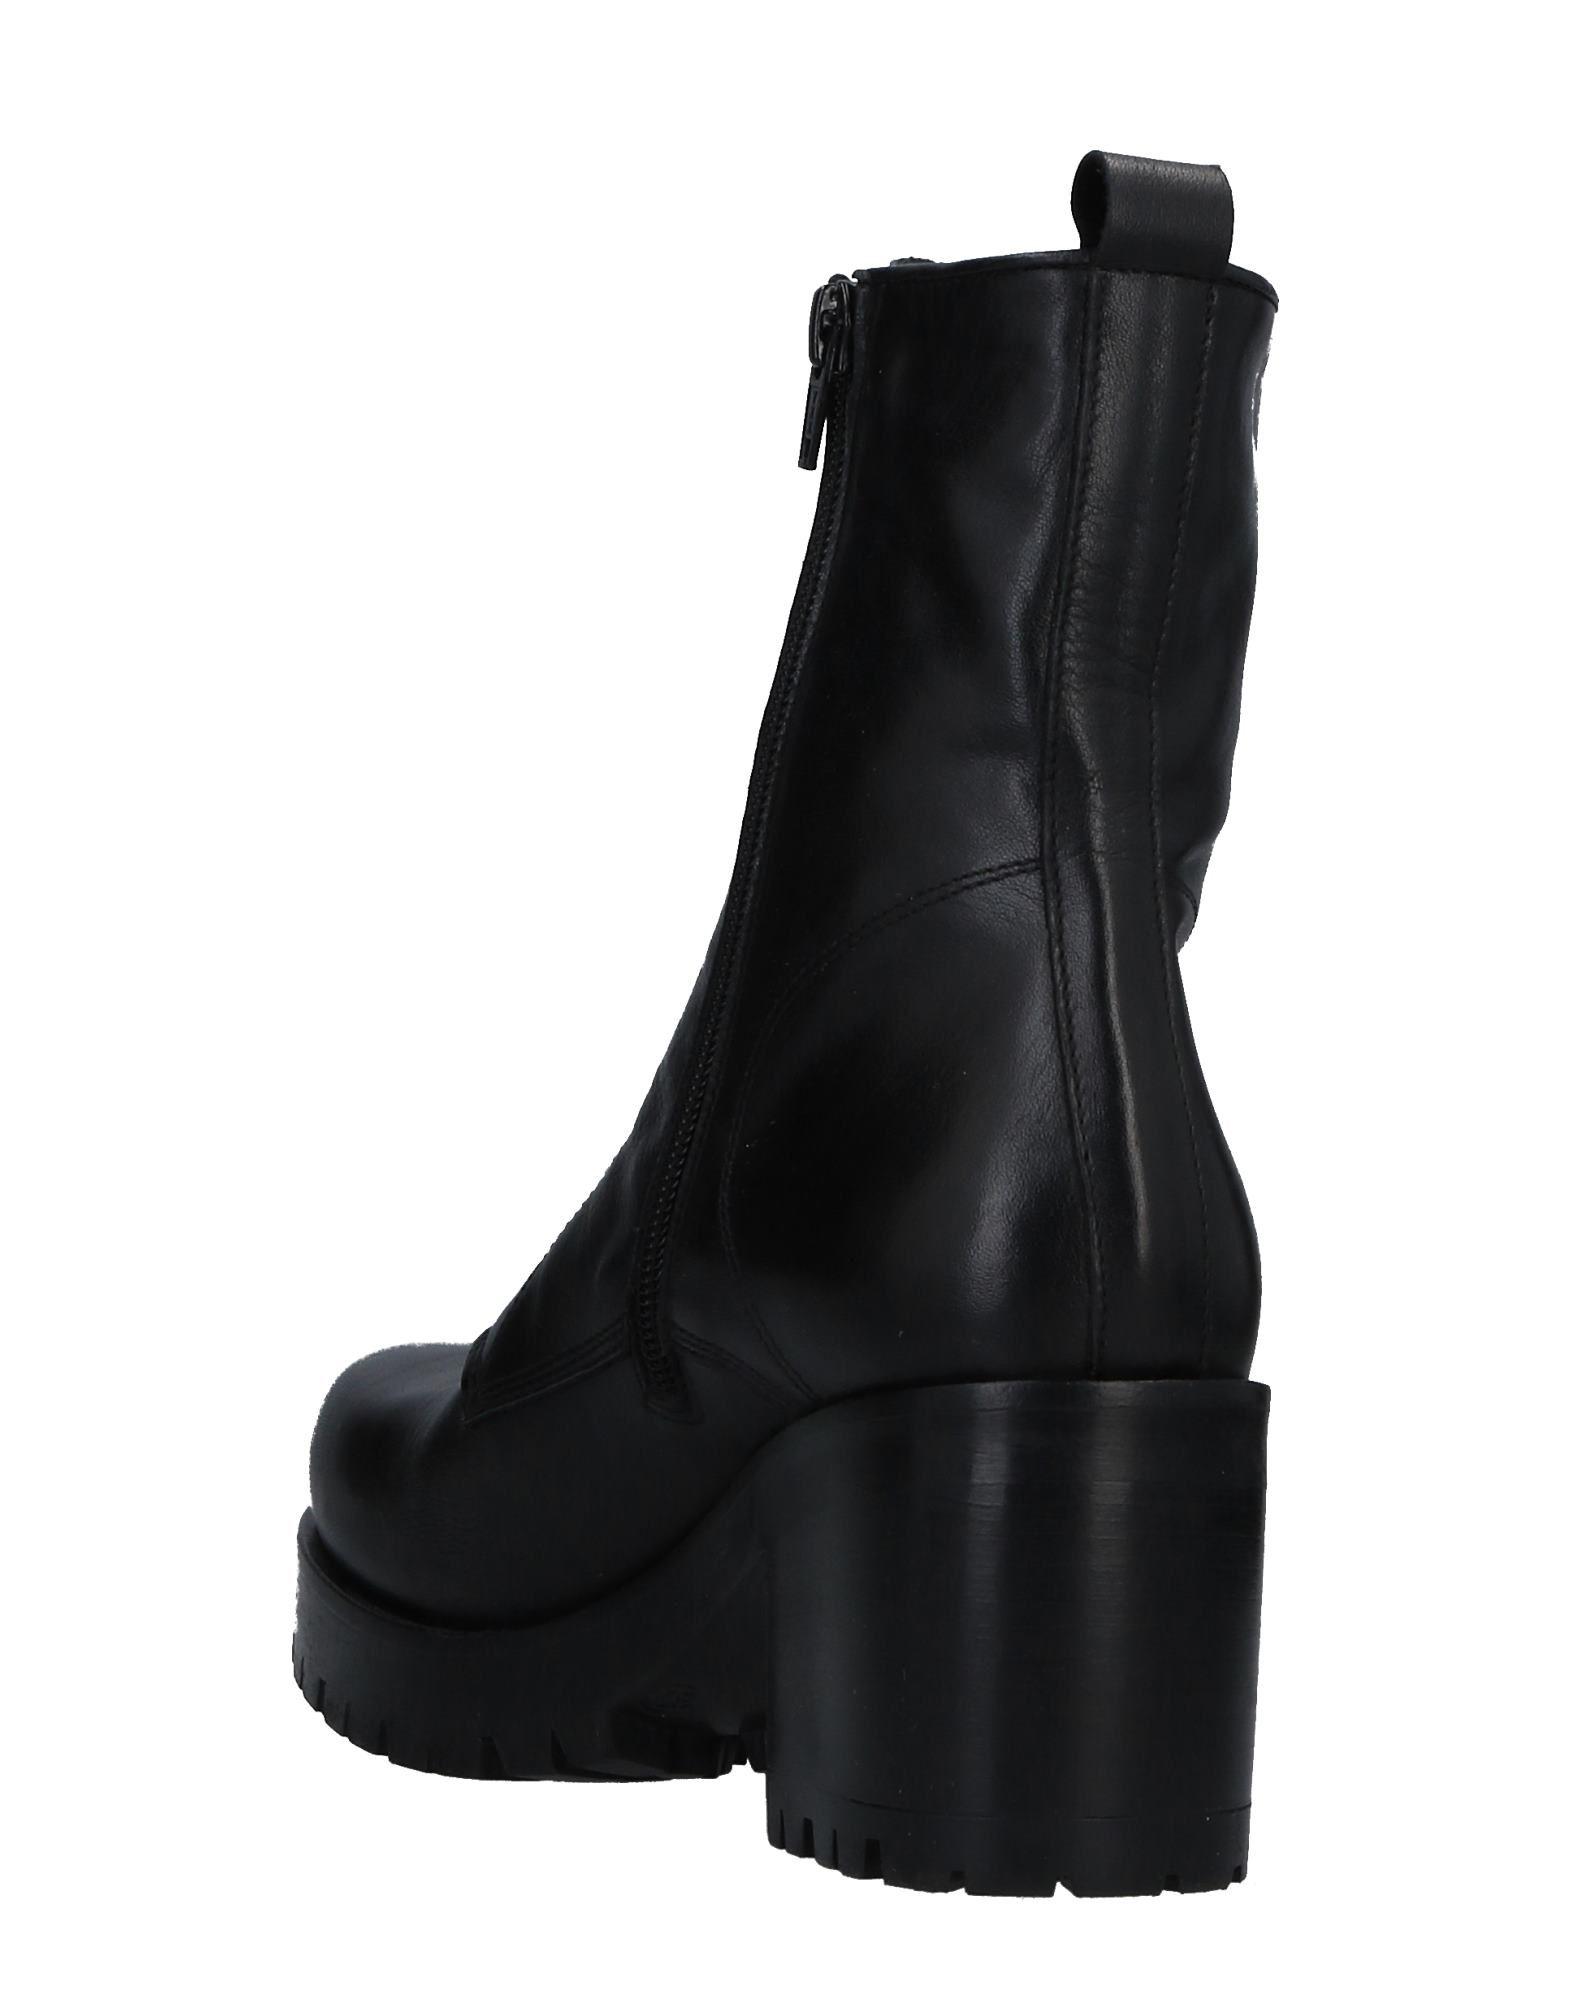 Stilvolle billige Schuhe Damen Bryan Blake Stiefelette Damen Schuhe  11512253BD 4296db